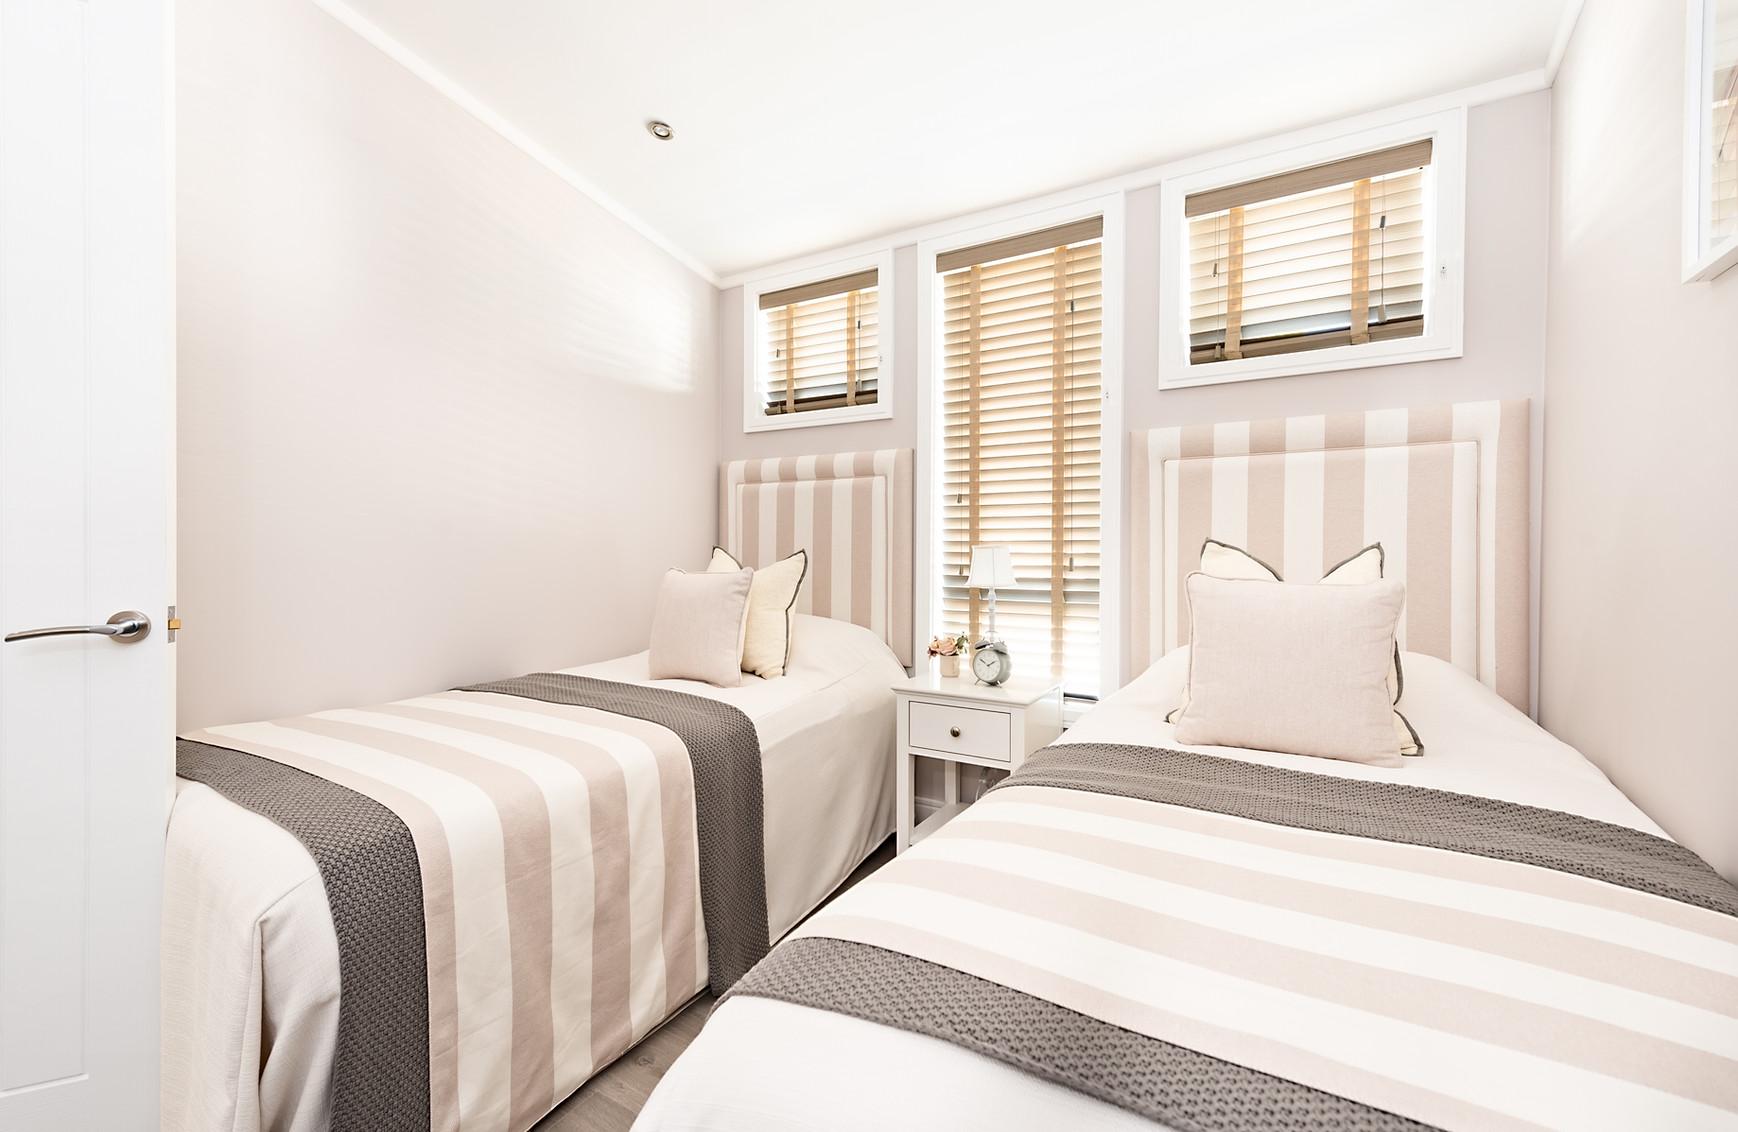 Casa Di Lusso Bed3.jpg